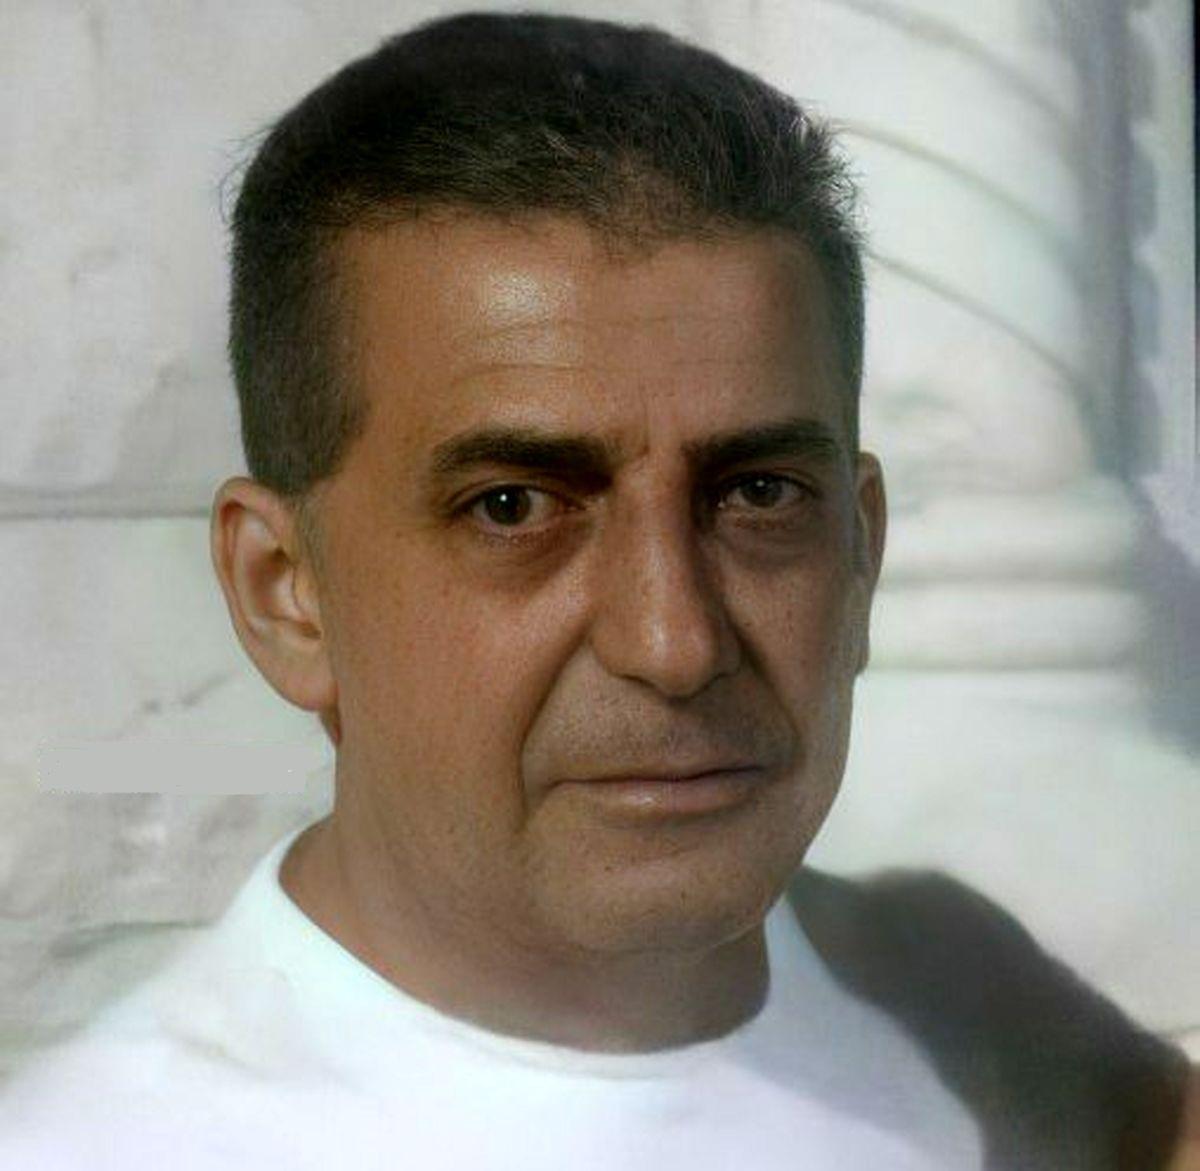 قتل یک صهیونیست عرب تبار در سرزمین های اشغالی